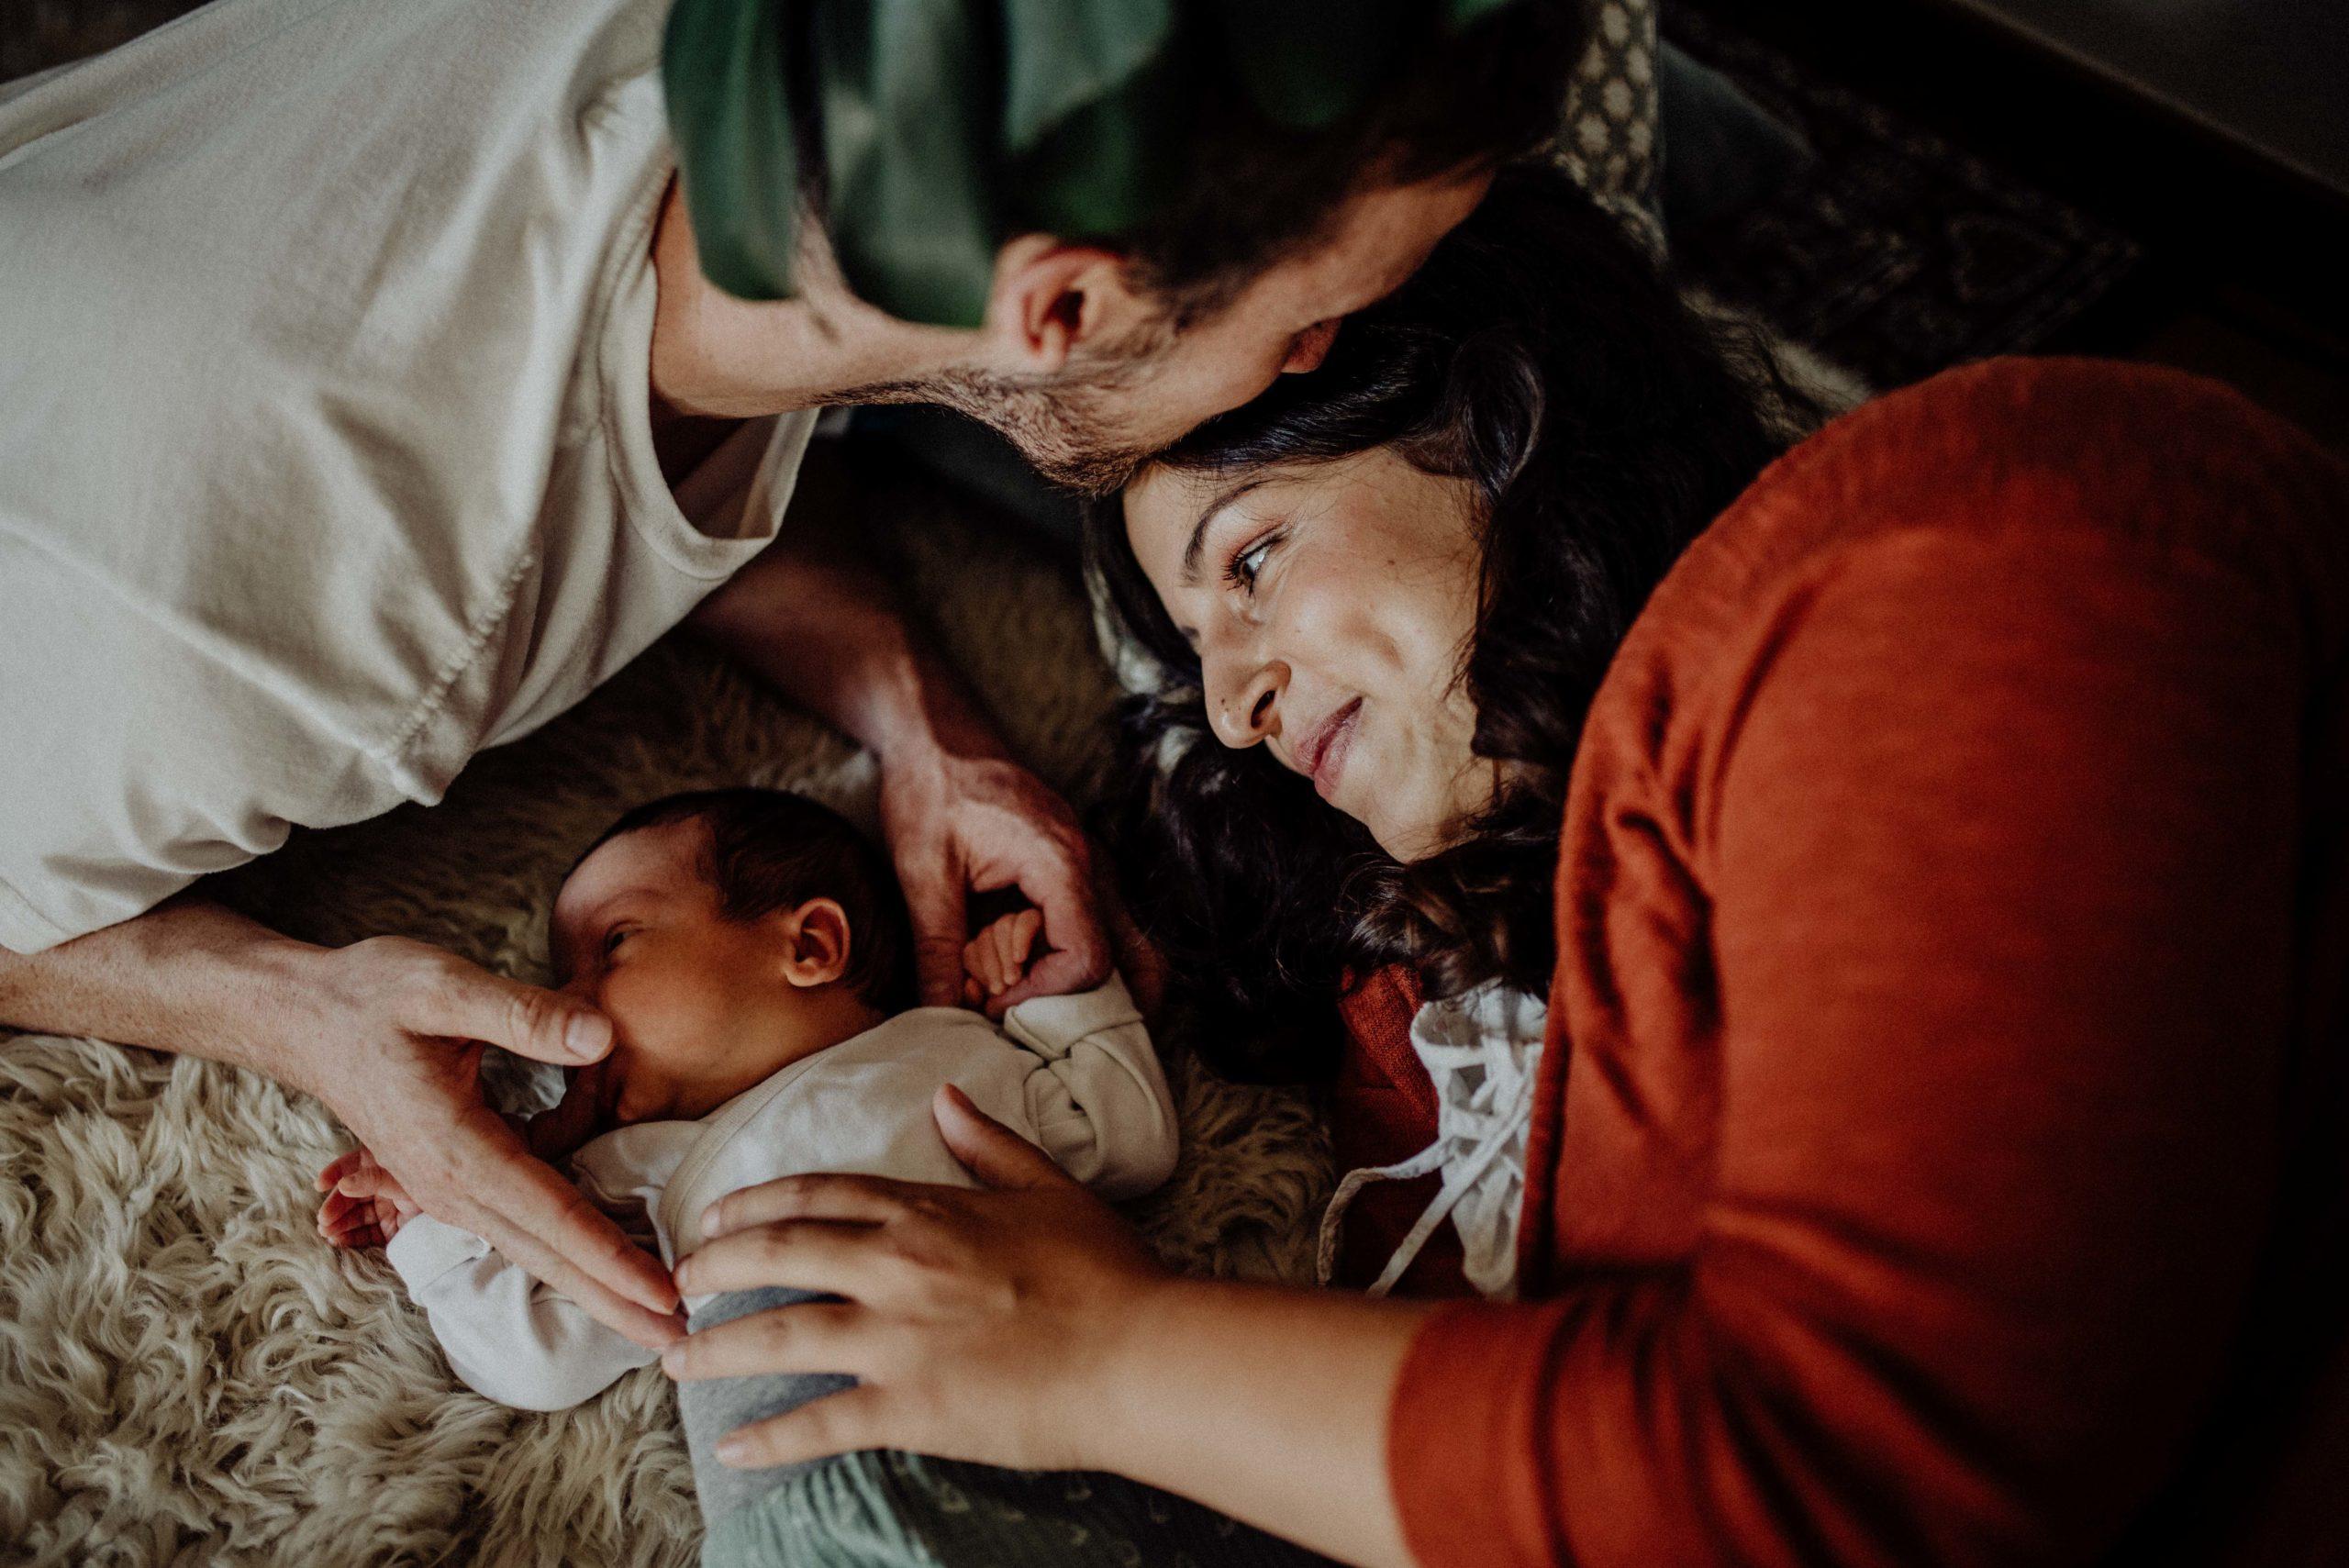 015-Witten-Homestory-Homesession-Newborn-Baby-Fotoshooting